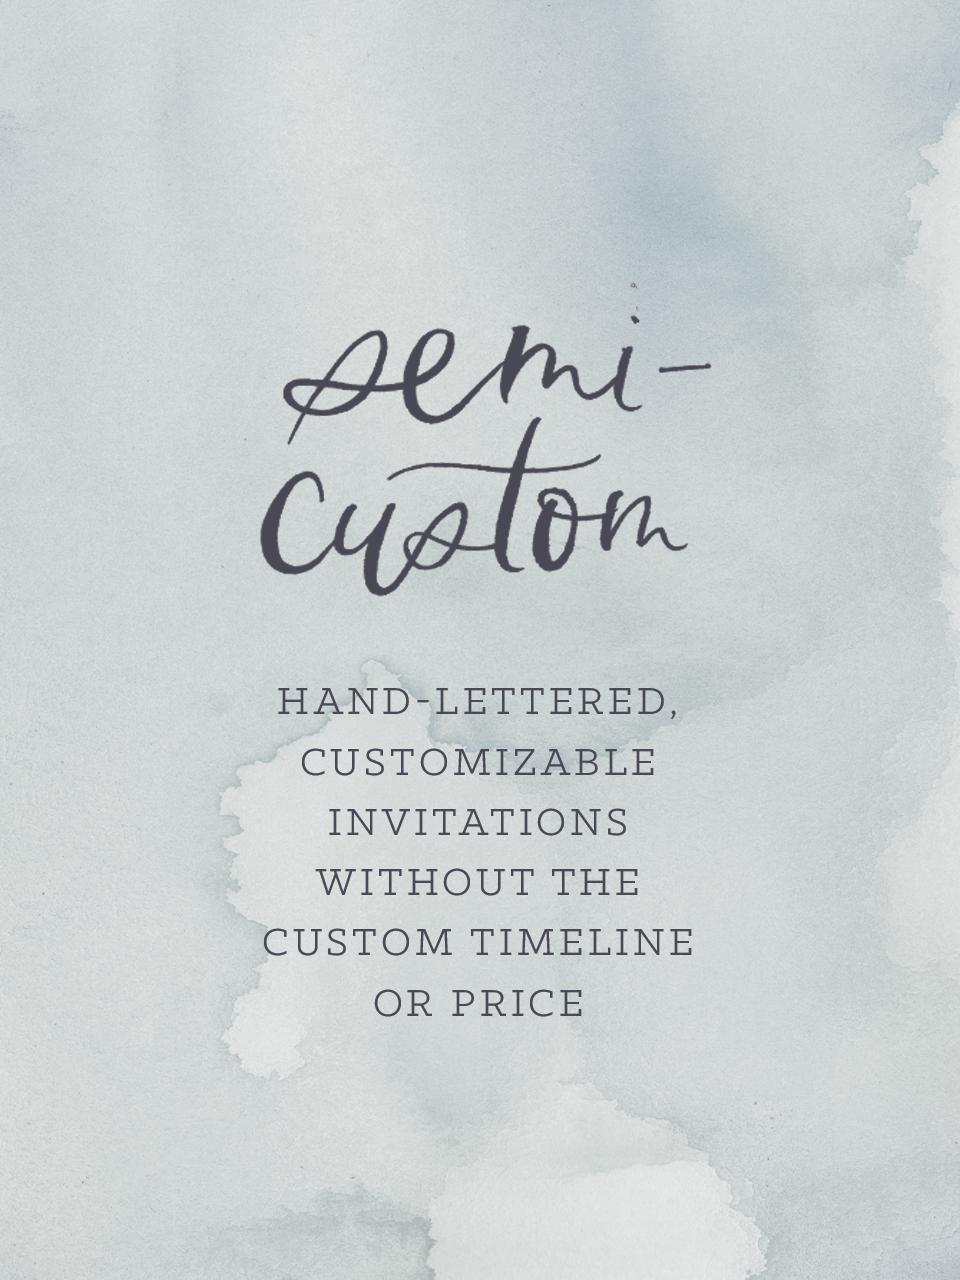 Semi Custom Invitations